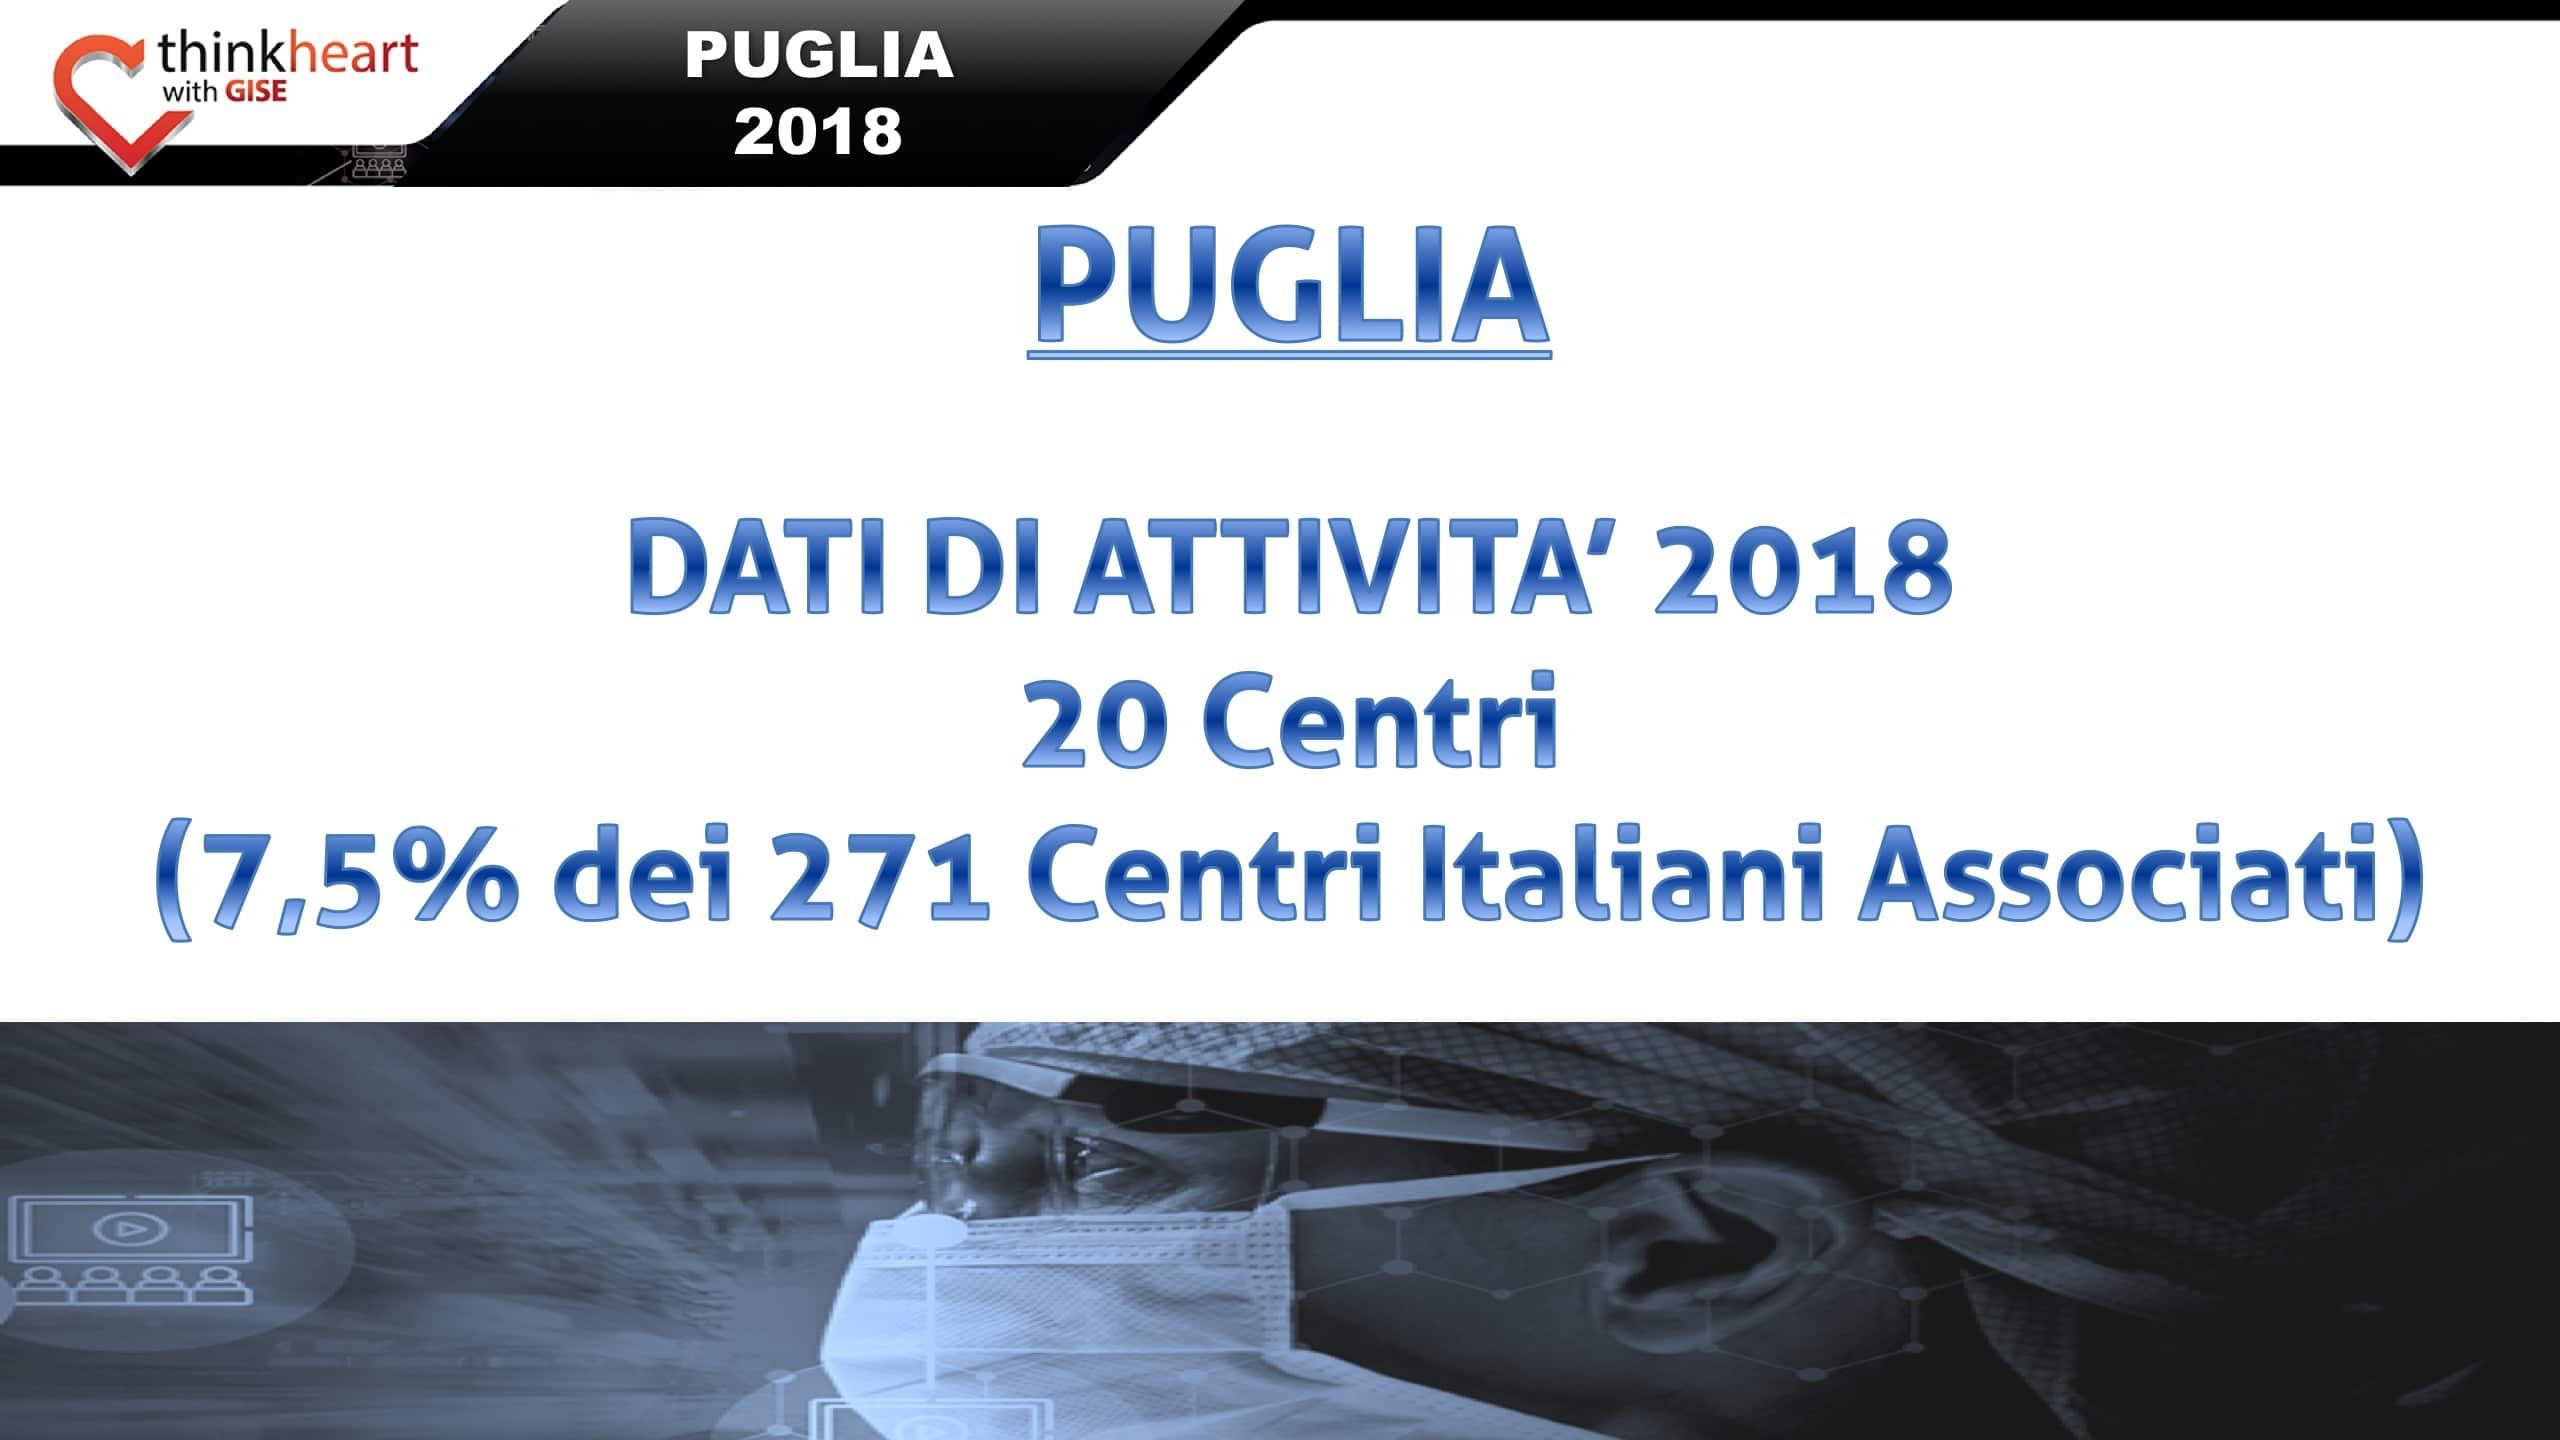 Gise Società Italiana Di Cardiologia